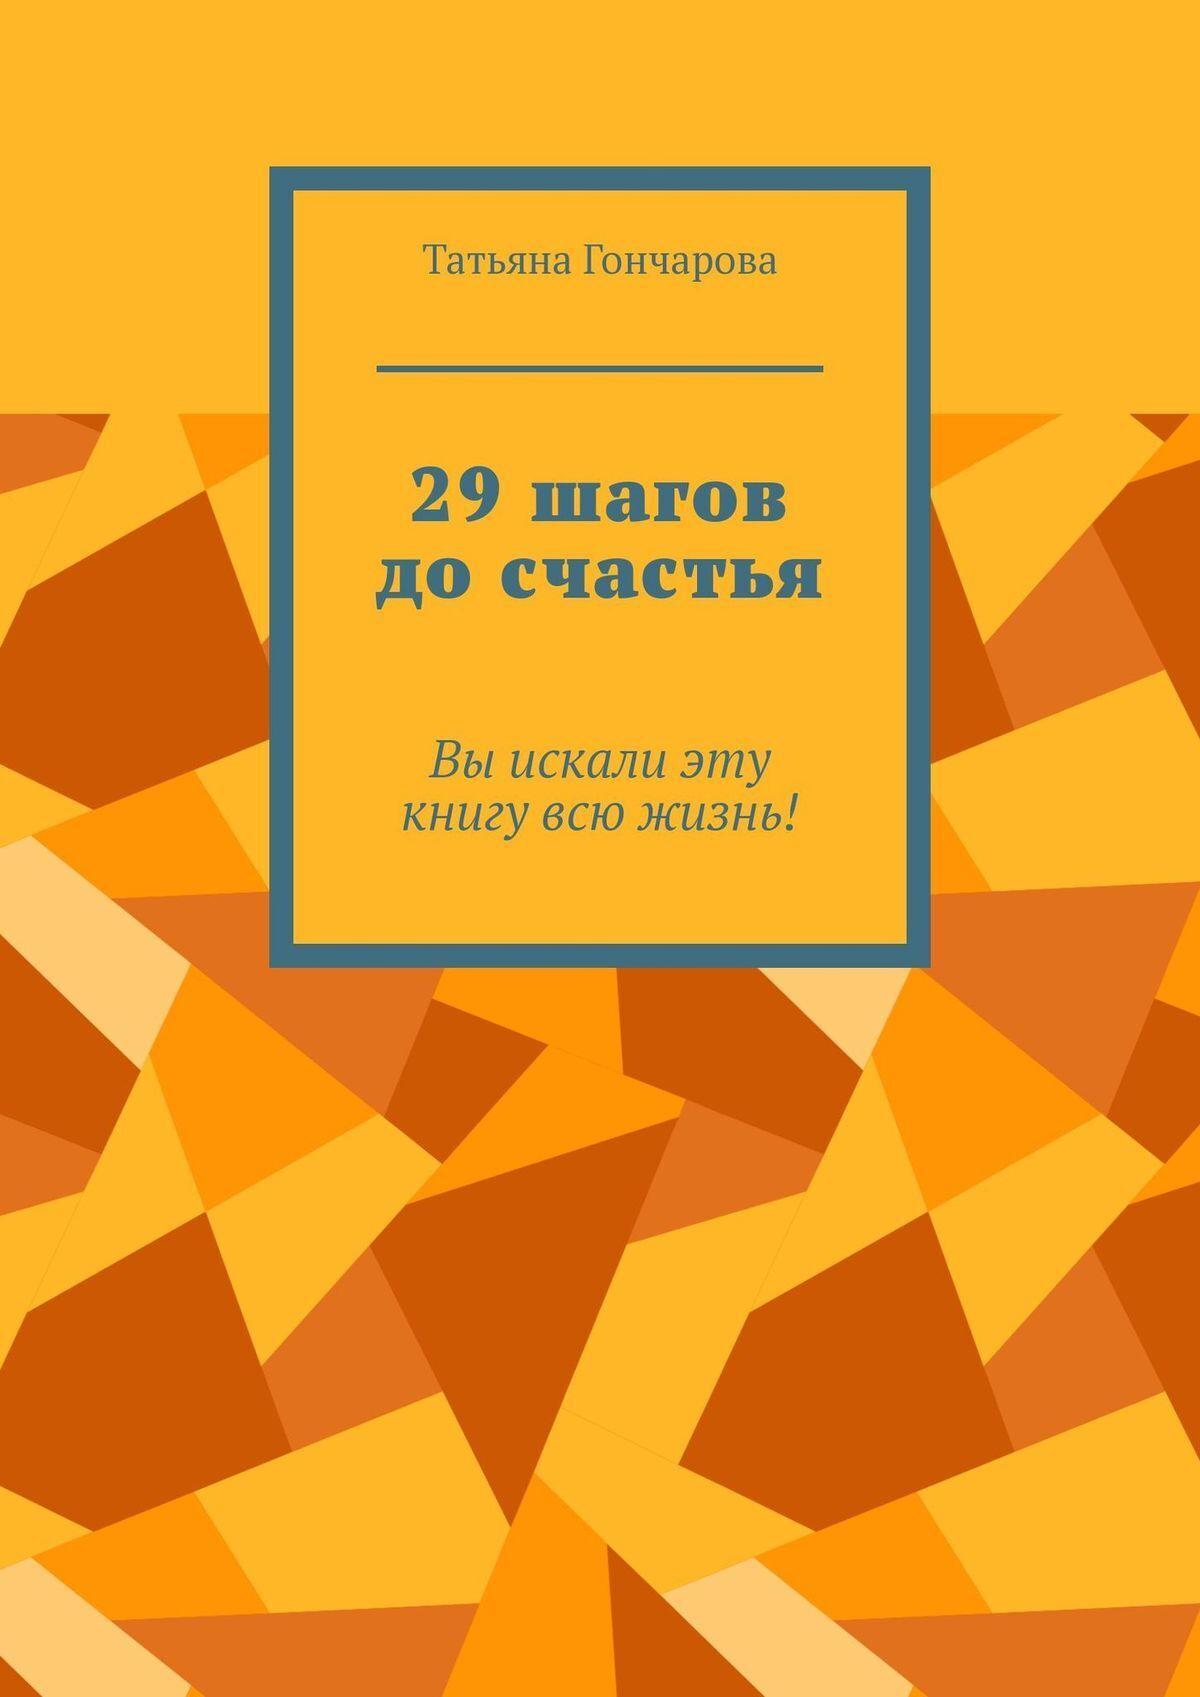 Татьяна Гончарова 29шагов досчастья. Вы искали эту книгу всю жизнь! тарифный план